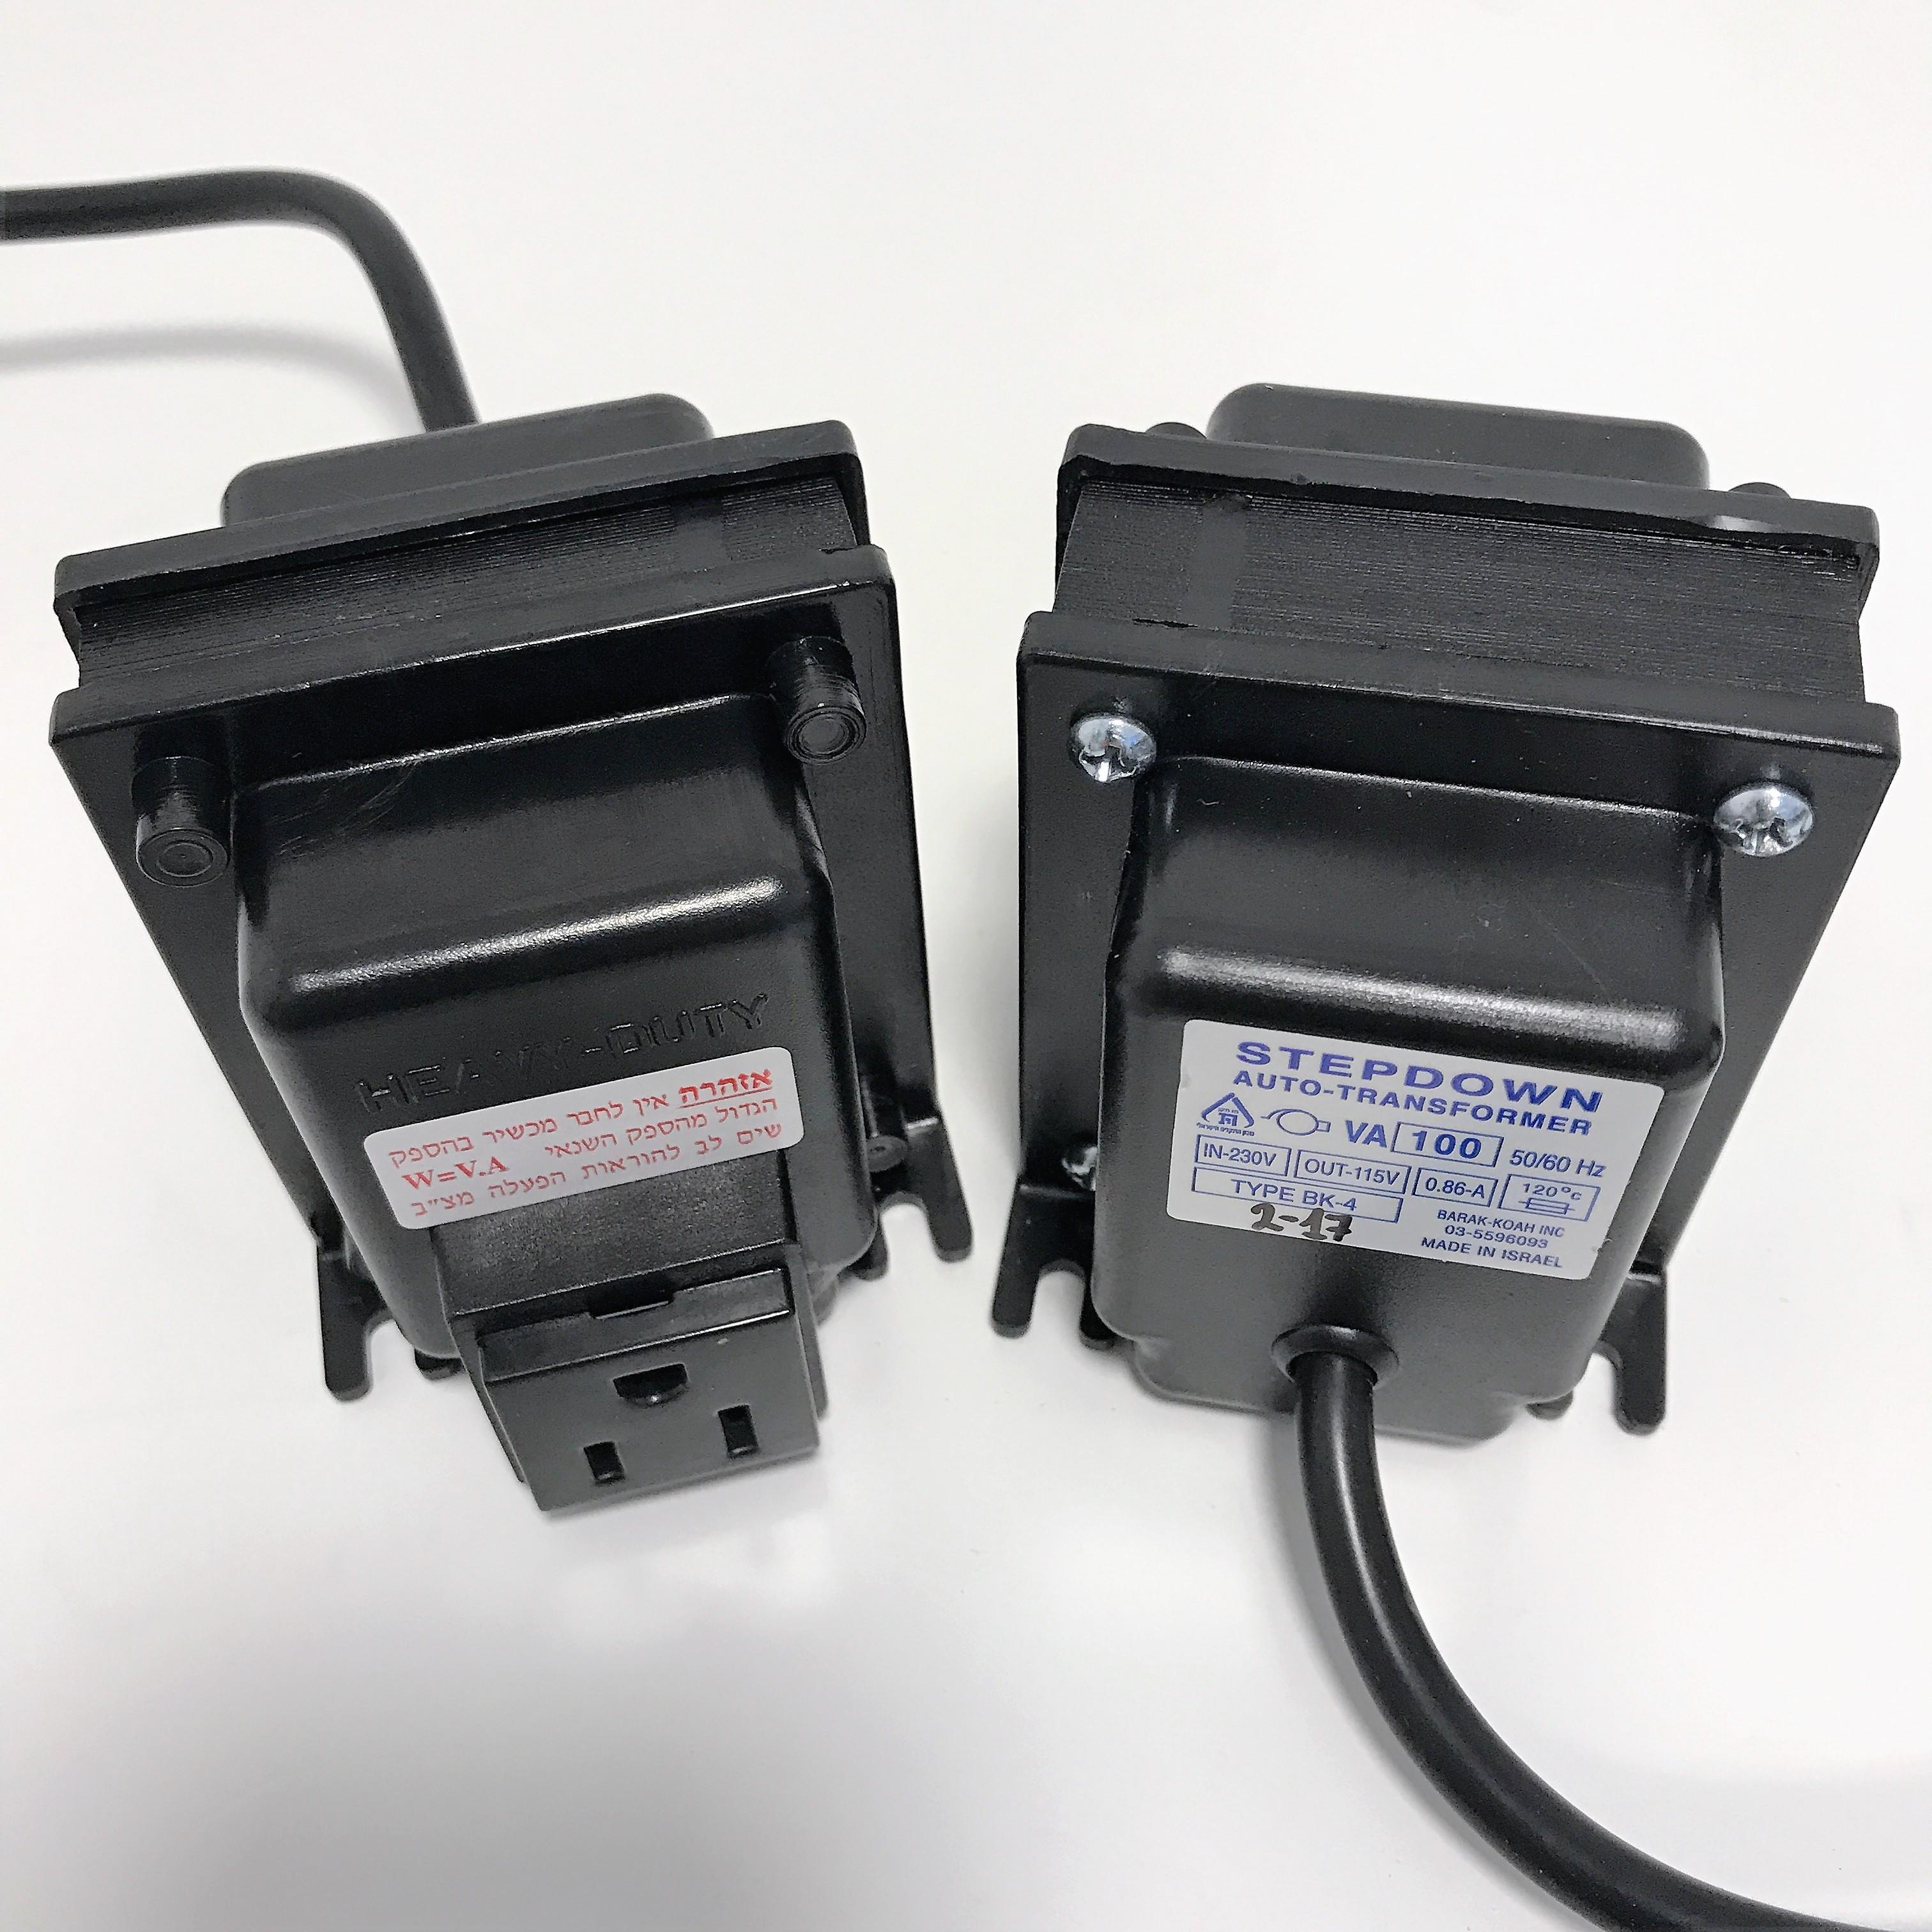 שנאי אוטוטרפו בהספק 65VA (למכשיר אמריקאי 115V)